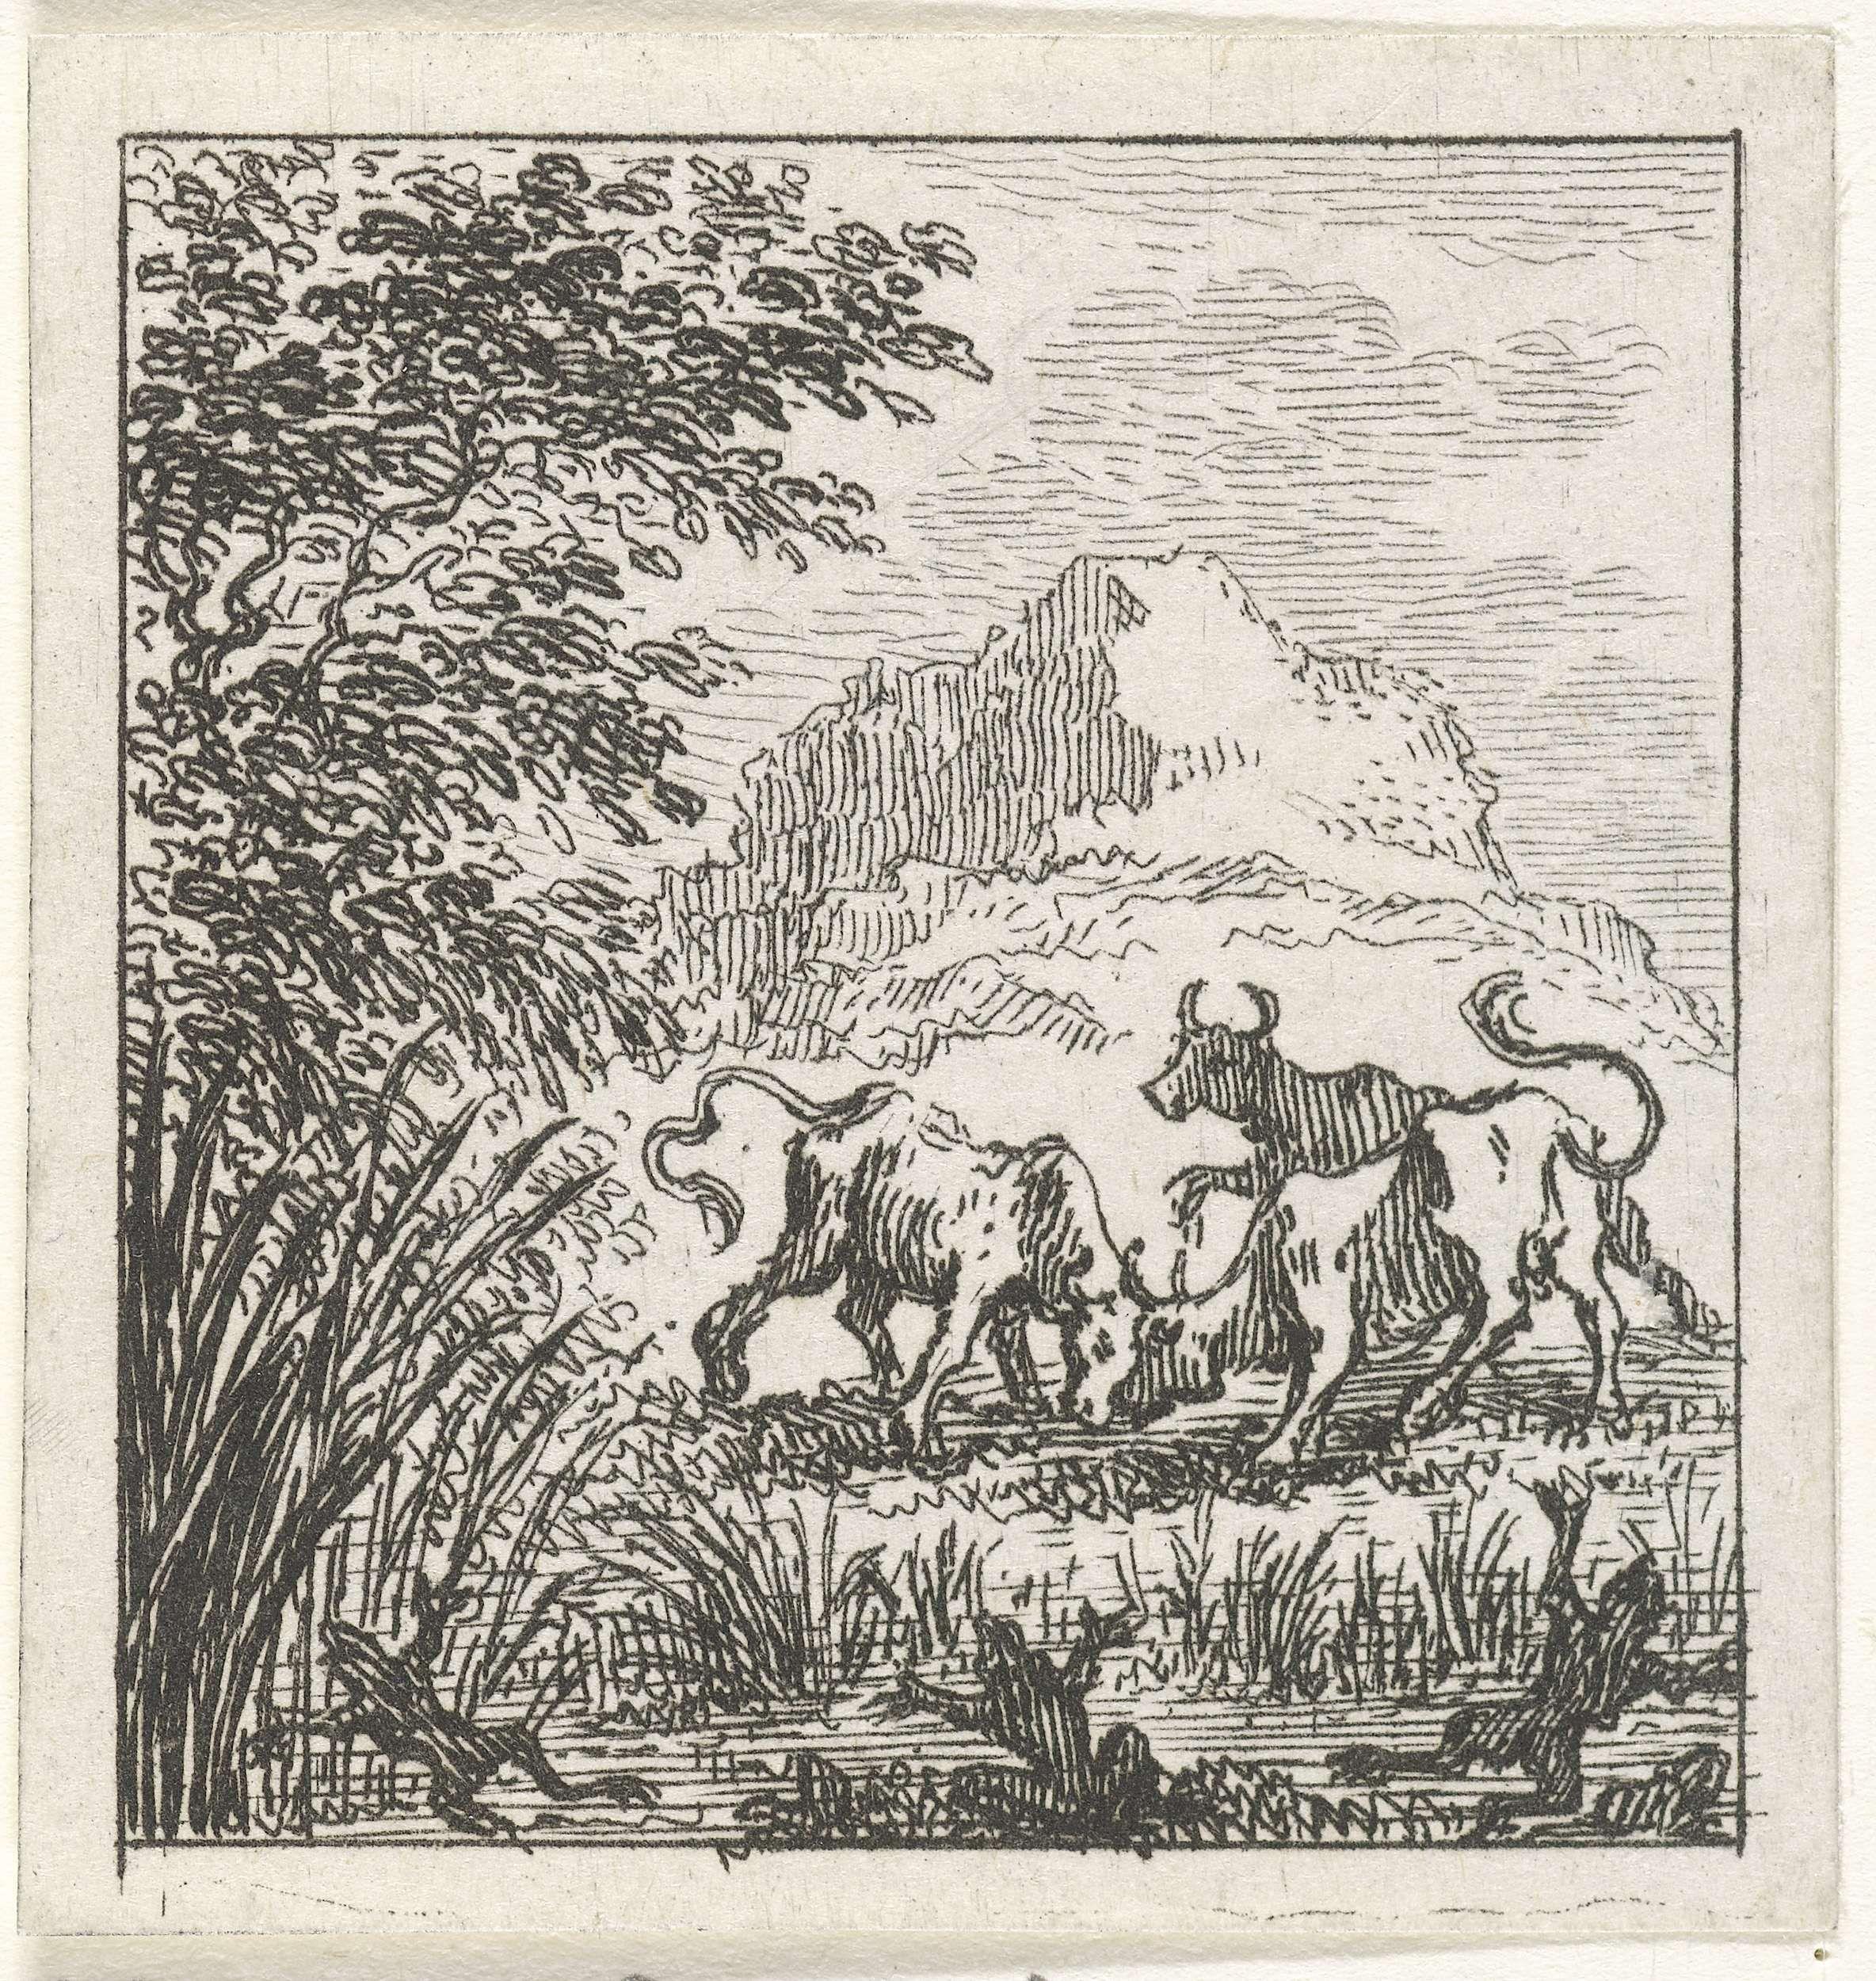 Simon Fokke | Fabel van de stieren in gevecht, Simon Fokke, 1769 | Drie stieren zijn in een weide in gevecht. Deze illustratie is vervaardigd bij de Aesopische fabels van de Latijnse dichter Phaedrus.